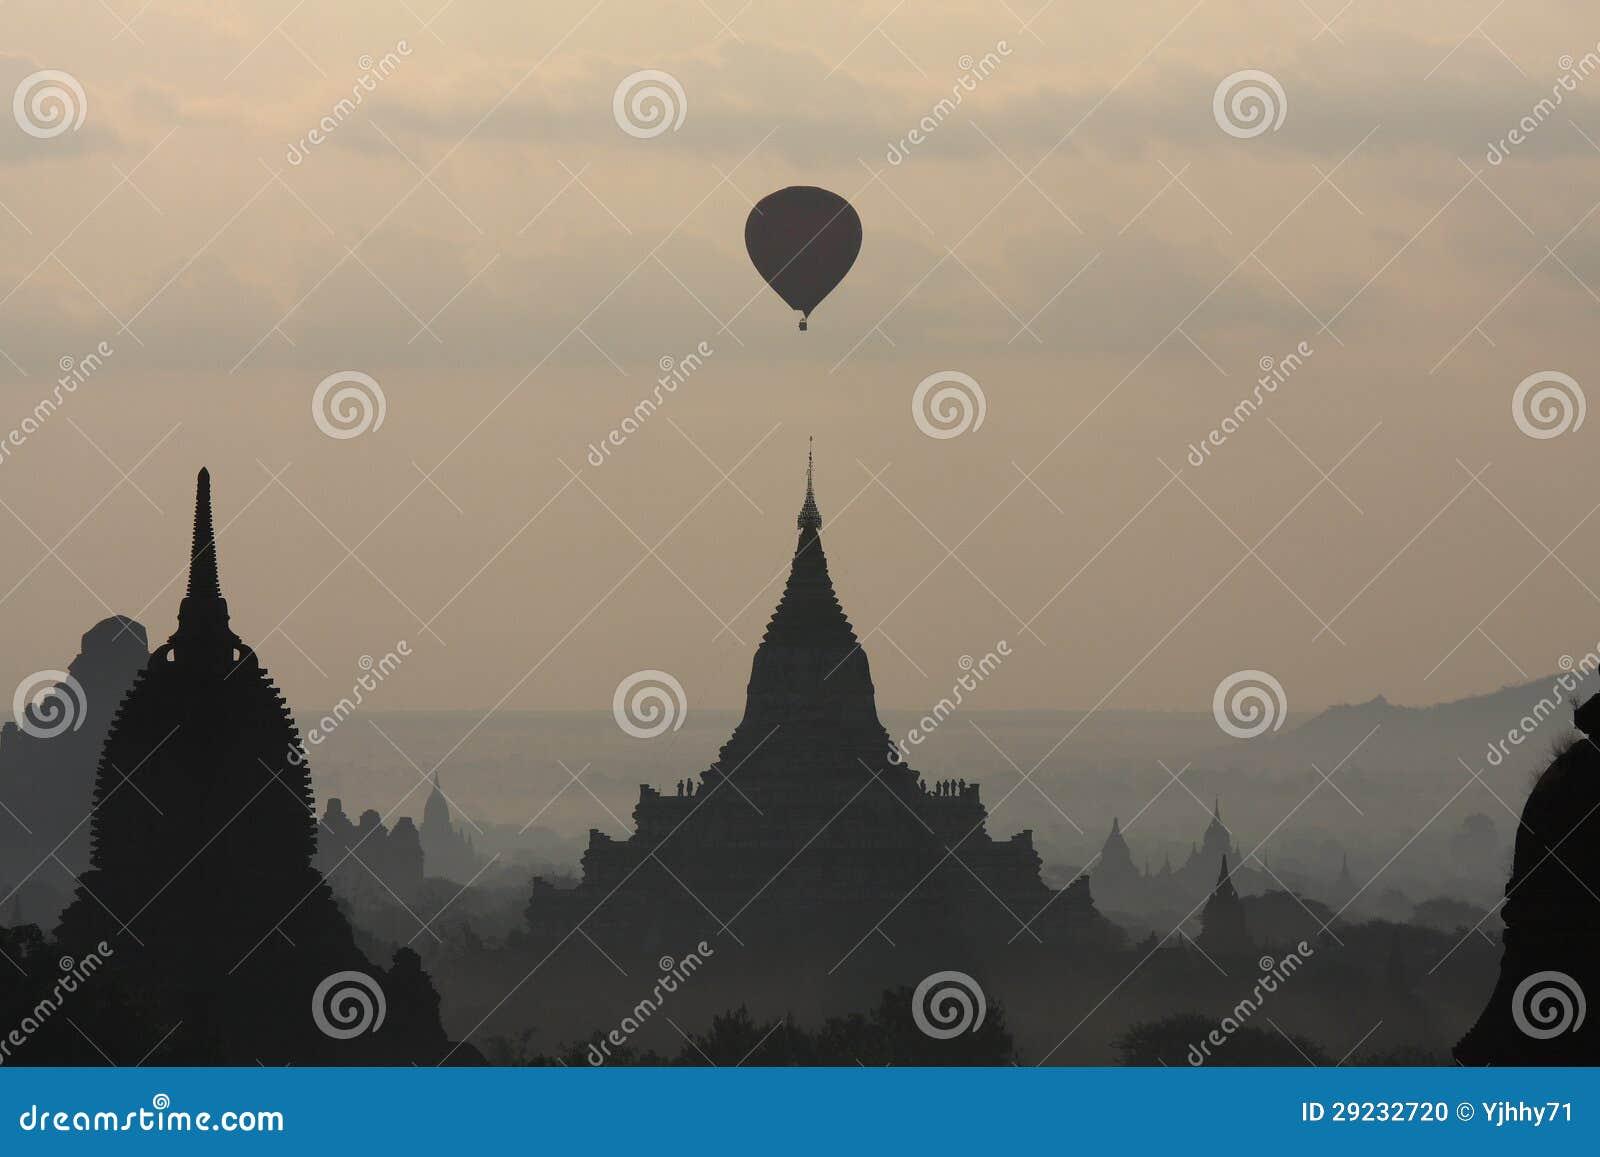 Download Ballon foto de stock. Imagem de isto, sobre, cedo, experiência - 29232720